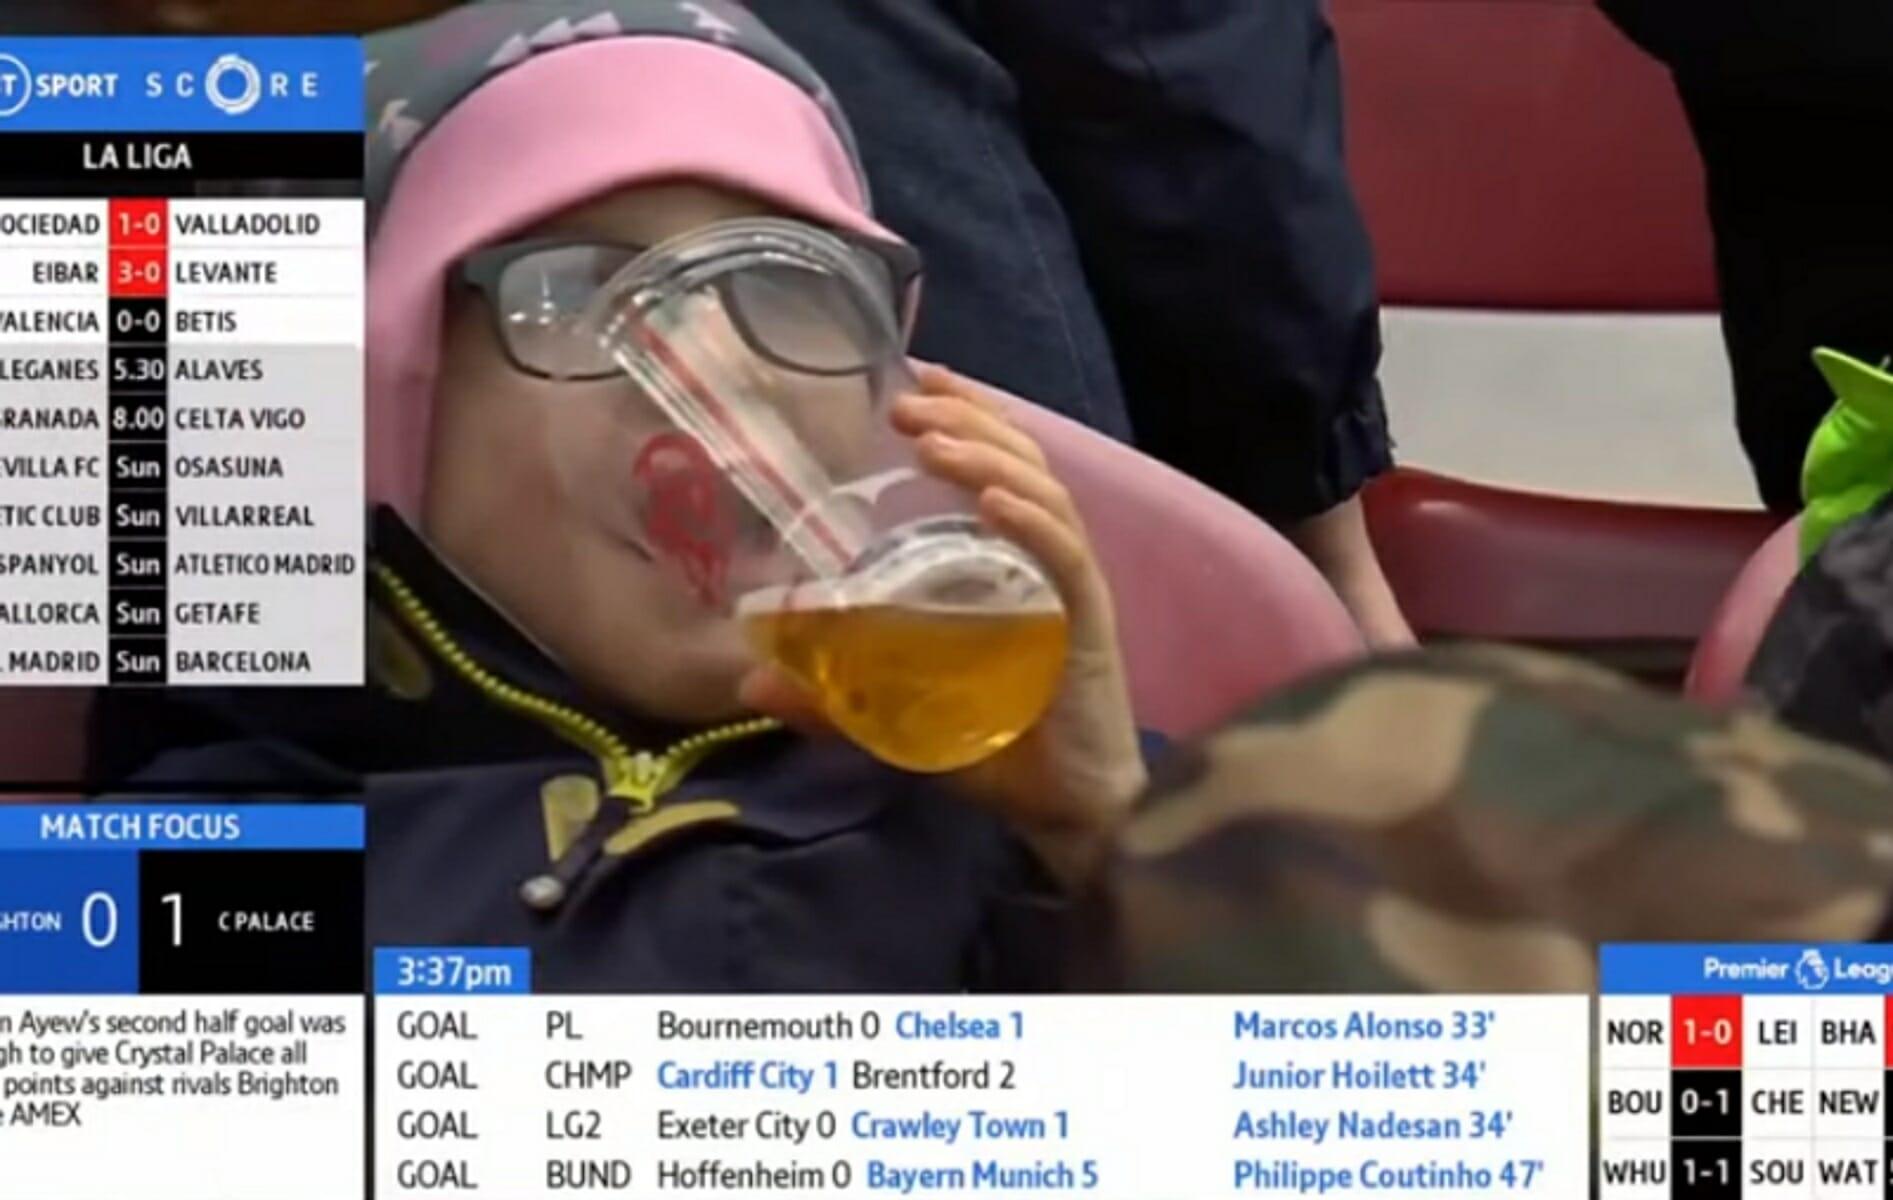 """""""Σάλος"""" με το παιδάκι που πίνει μπύρα σε ματς στη Bundesliga! video"""